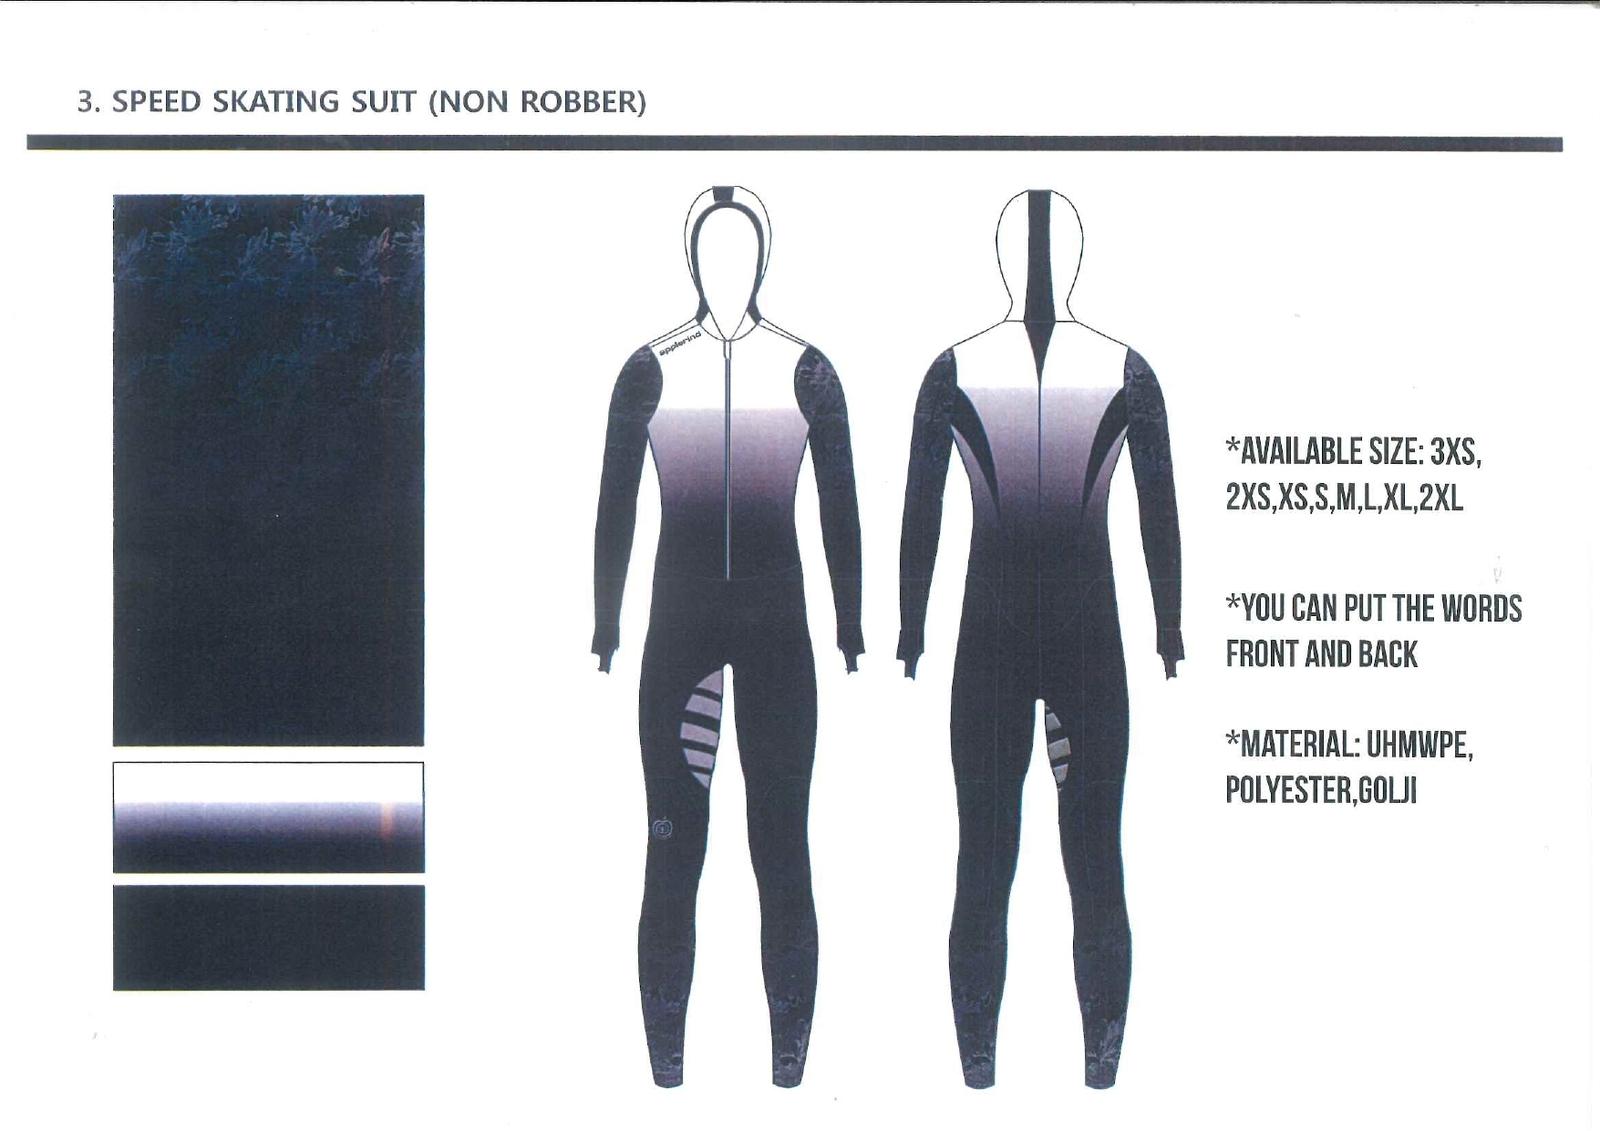 予約販売 スピードスケート ワンピース レーシングスーツ アプルラインド ブラック 伸縮性抜群 長峰スポーツ